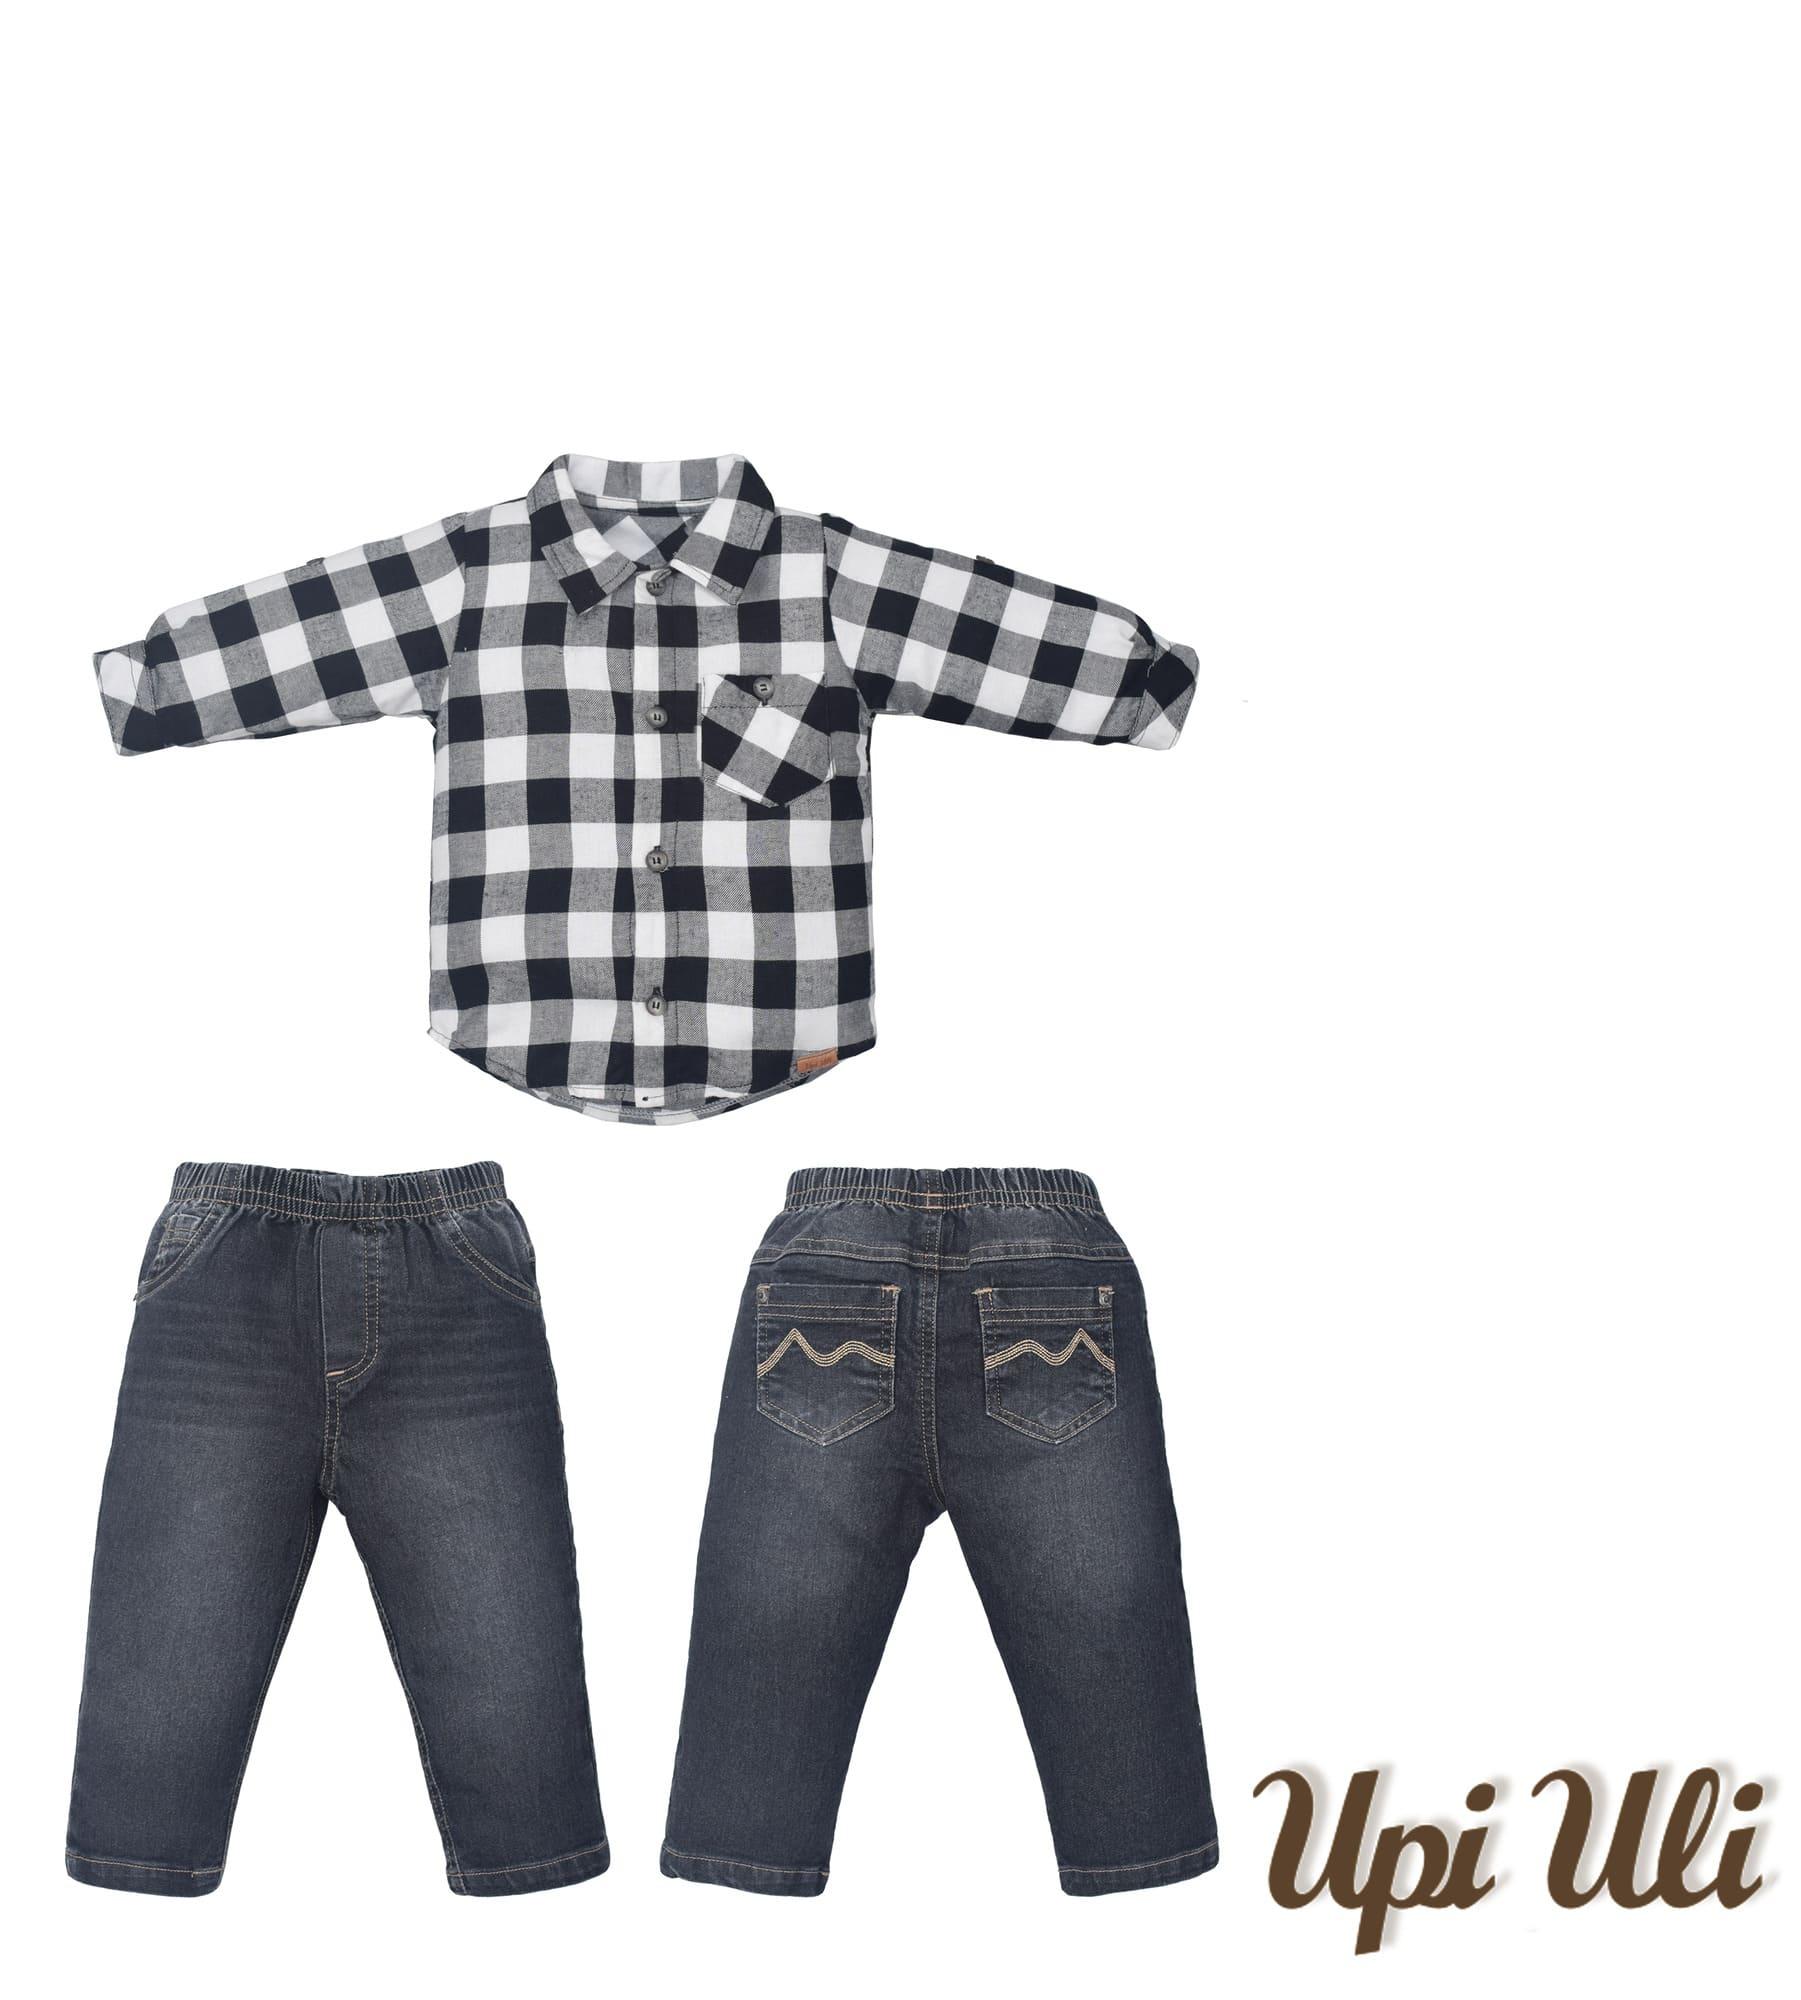 Conj. Longo Velan Mirai/Jeans Upiuli